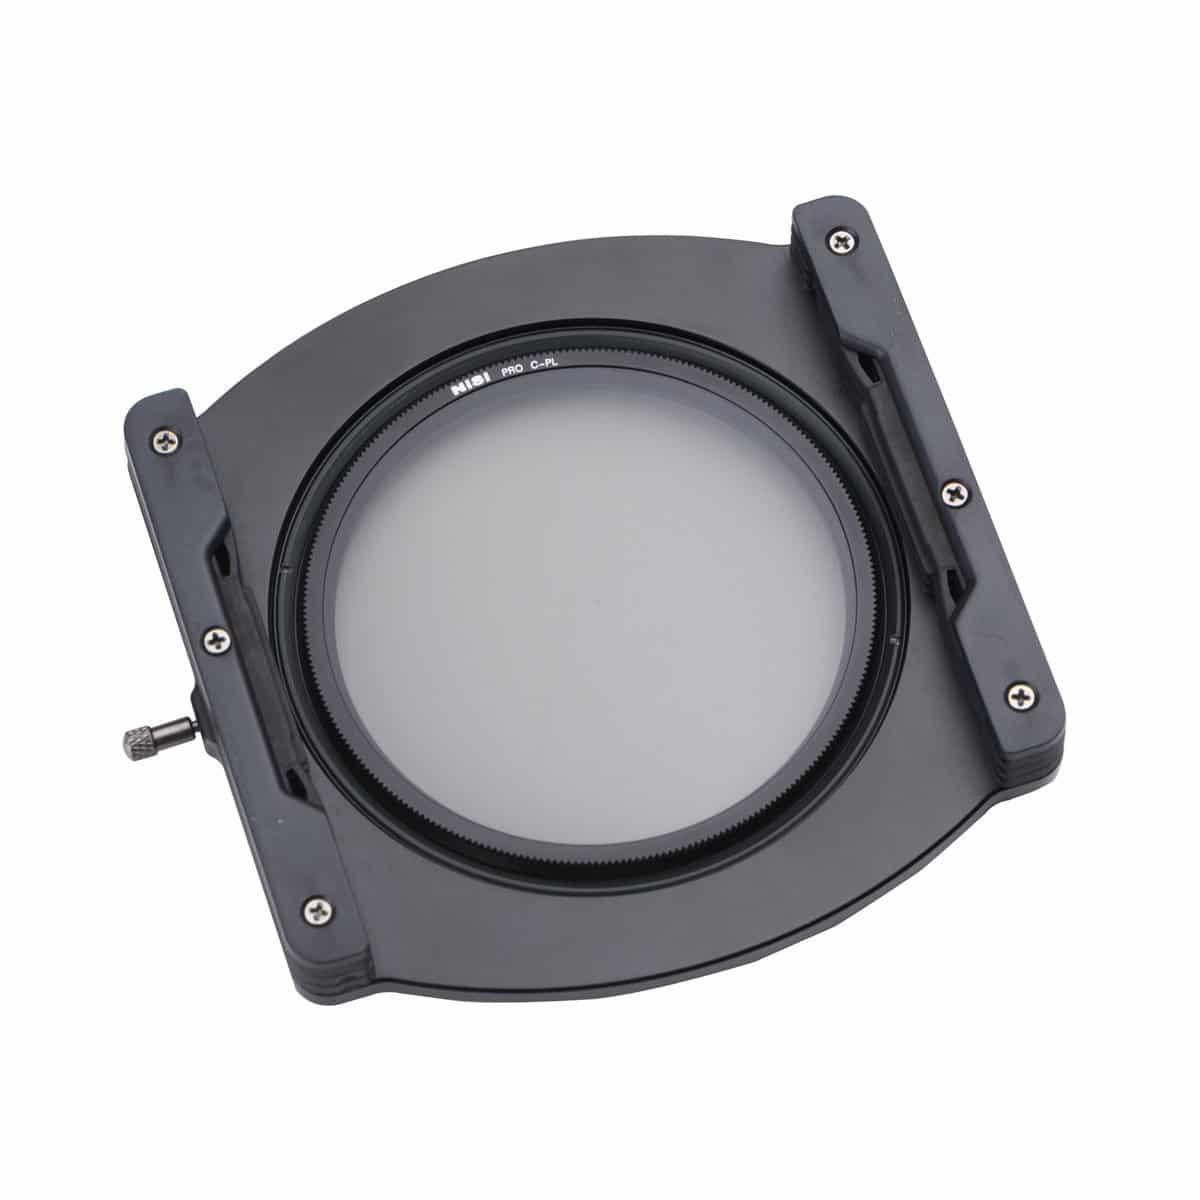 NiSi Filter Holder Kit V5 Pro Landscape 100mm